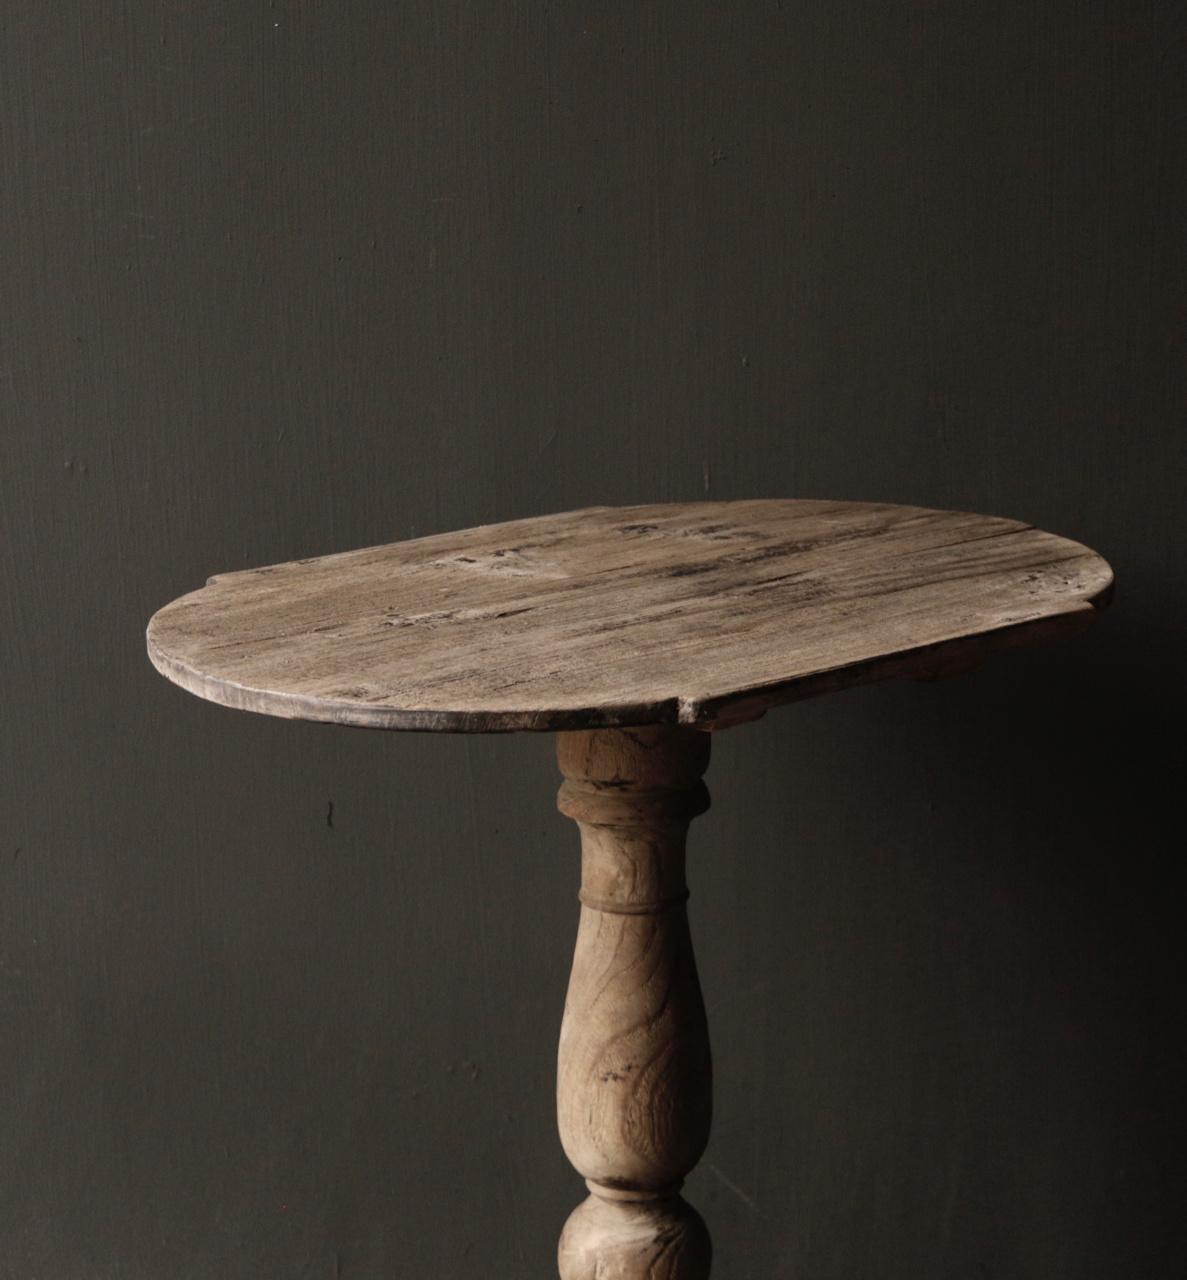 Ovaler Weintisch aus Holz-6